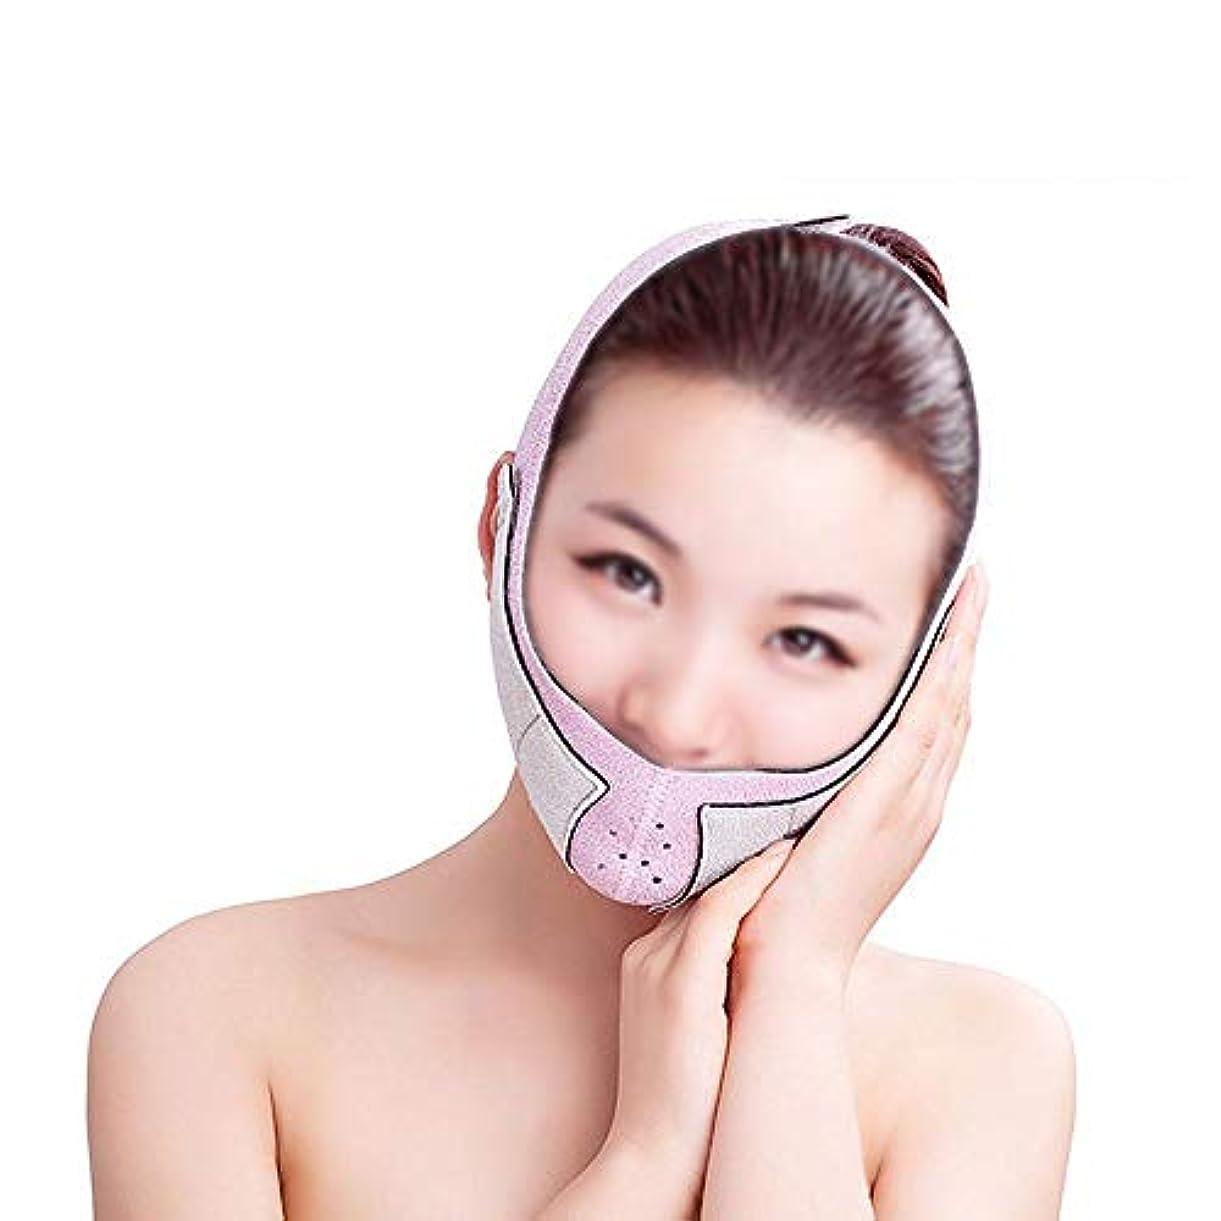 親密な敬の念ナサニエル区GLJJQMY 薄い顔マスク痩身ベルト薄い顔マスク強力なアップグレード小さいV顔薄い顔包帯美容顔デバイス 顔用整形マスク